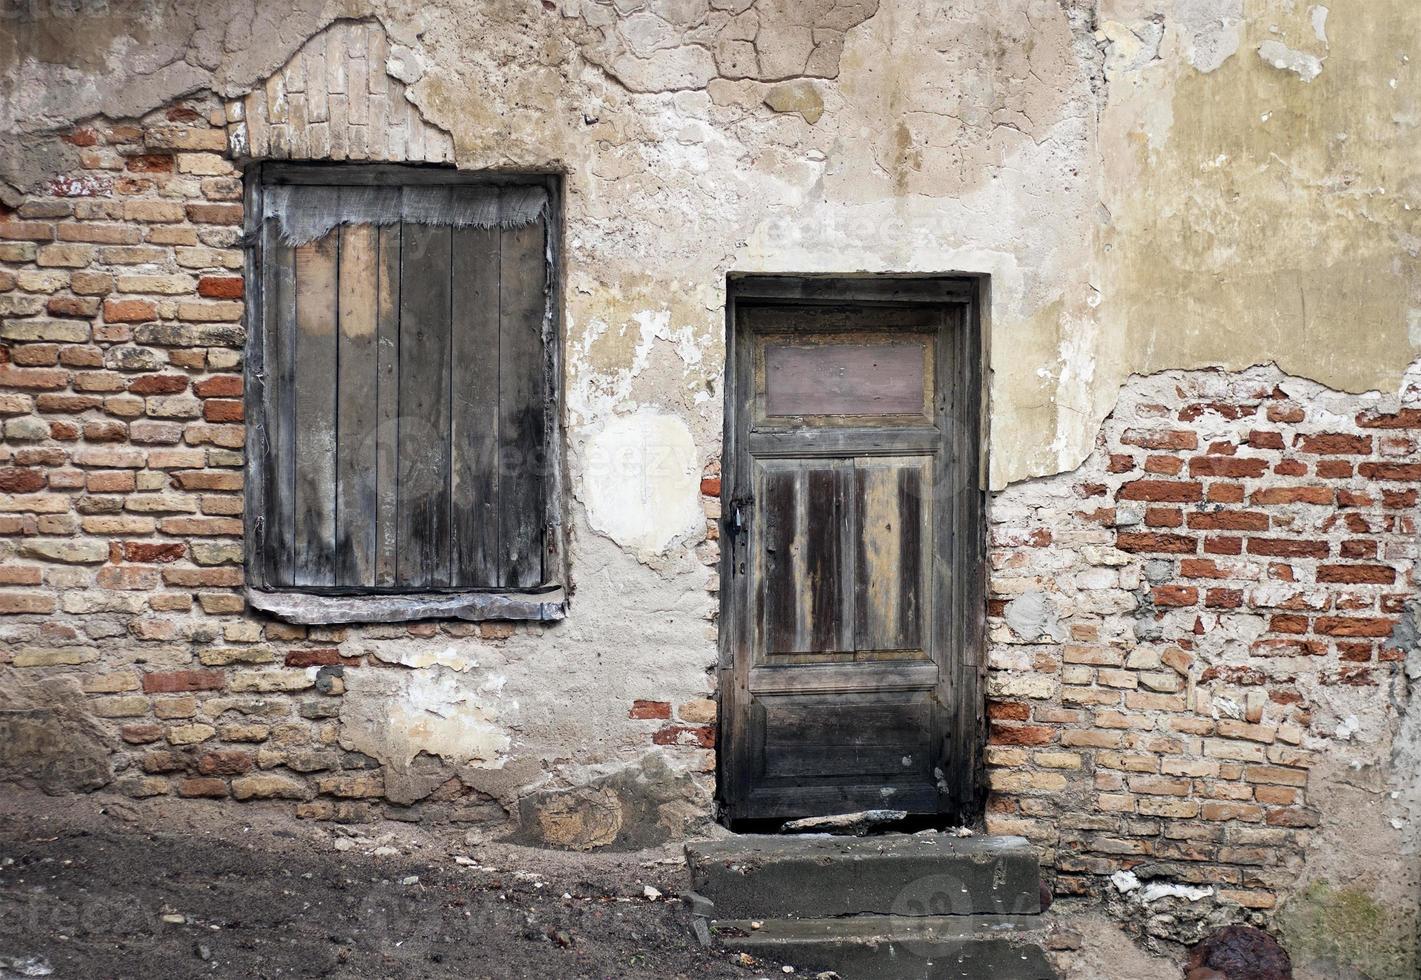 vecchia finestra e porta con muro rotto foto